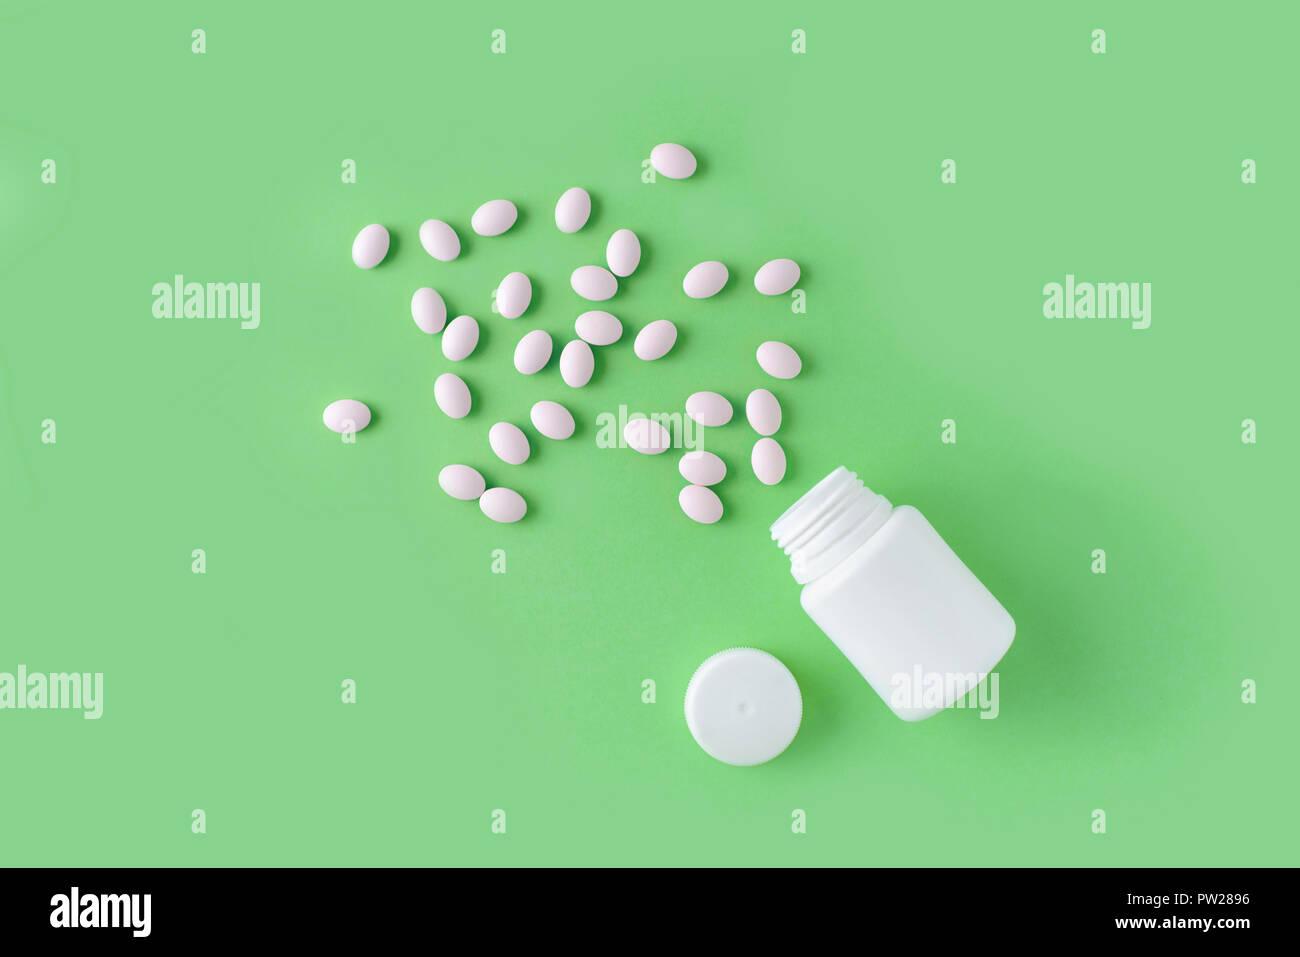 Probiotics Pills Stock Photos & Probiotics Pills Stock Images - Alamy